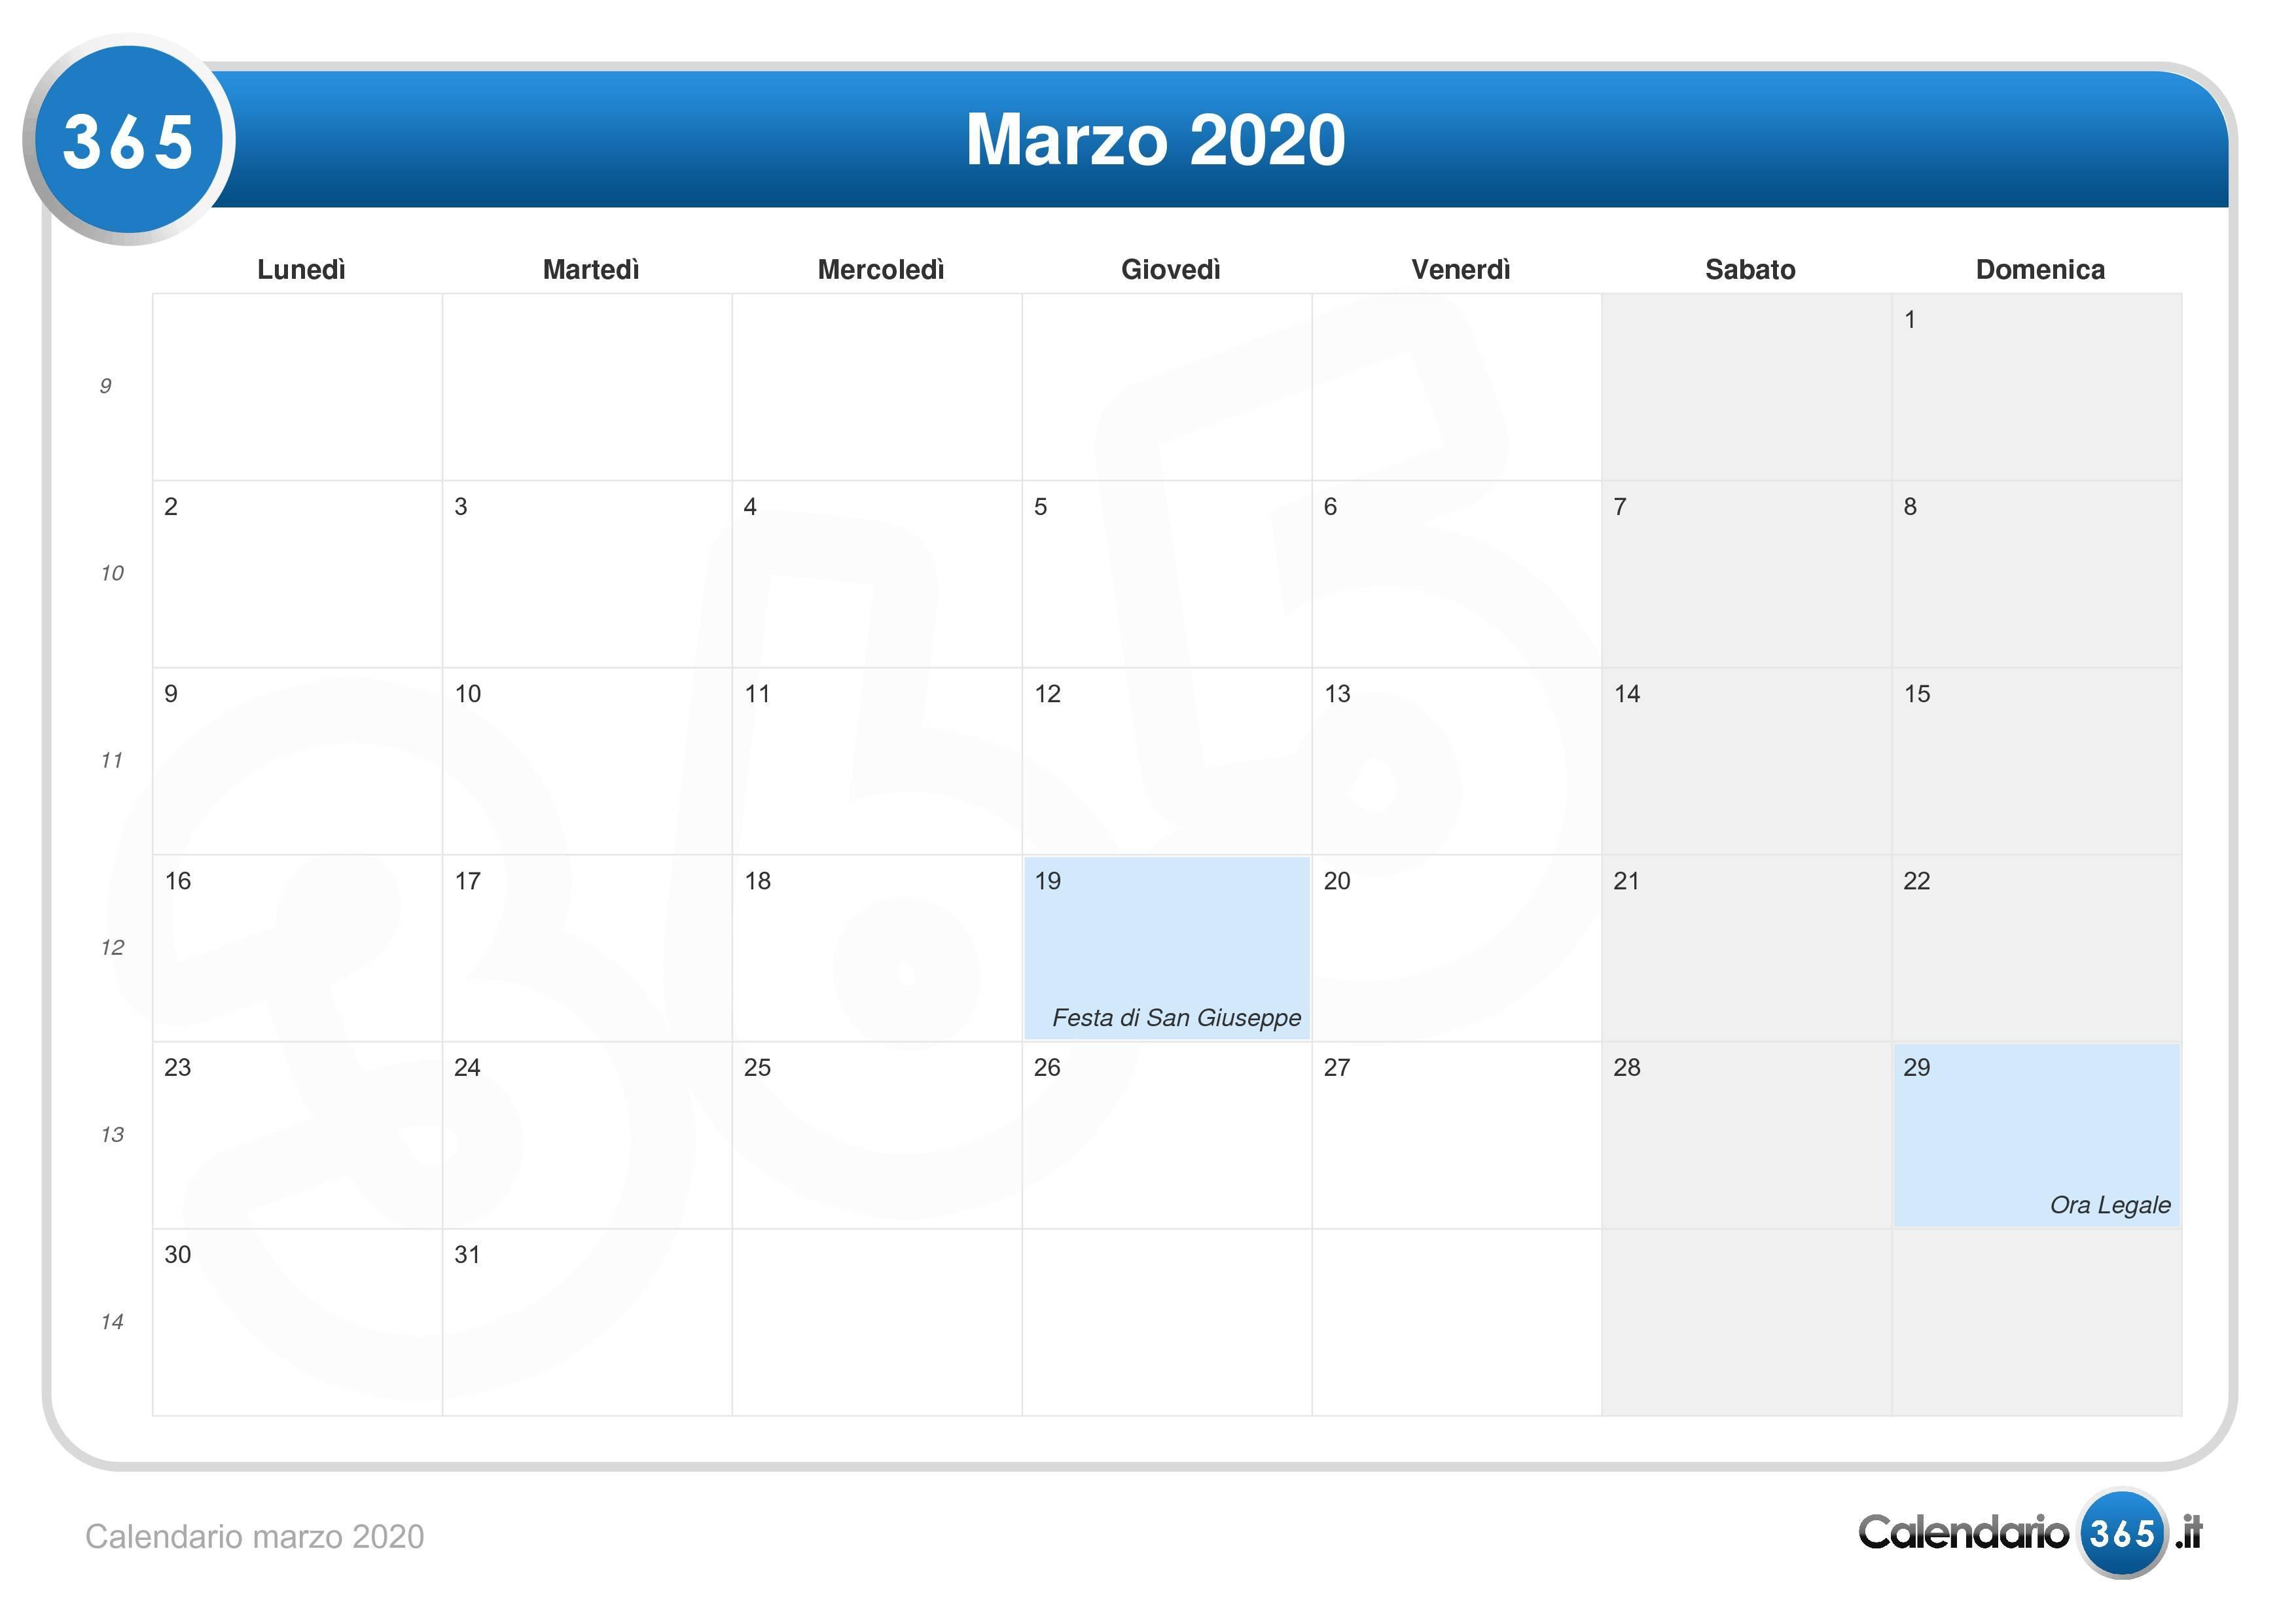 Calendario Marzo 2020.Calendario Marzo 2020